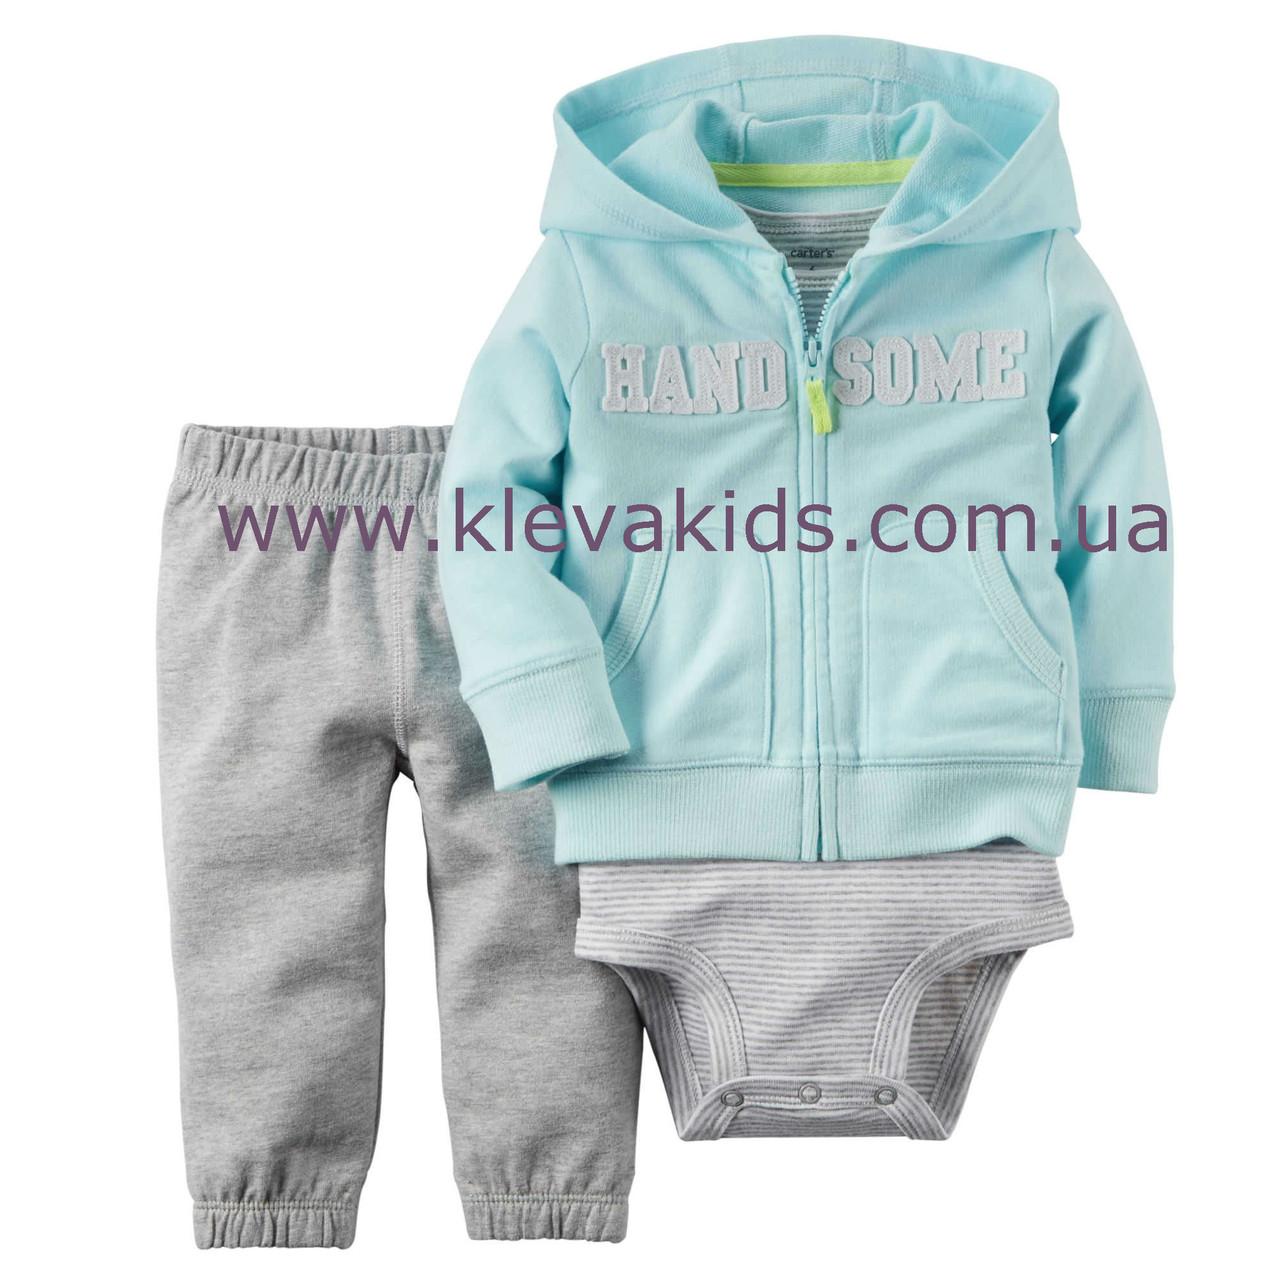 Трикотажный комплект одежды Carters 3в1 для мальчика